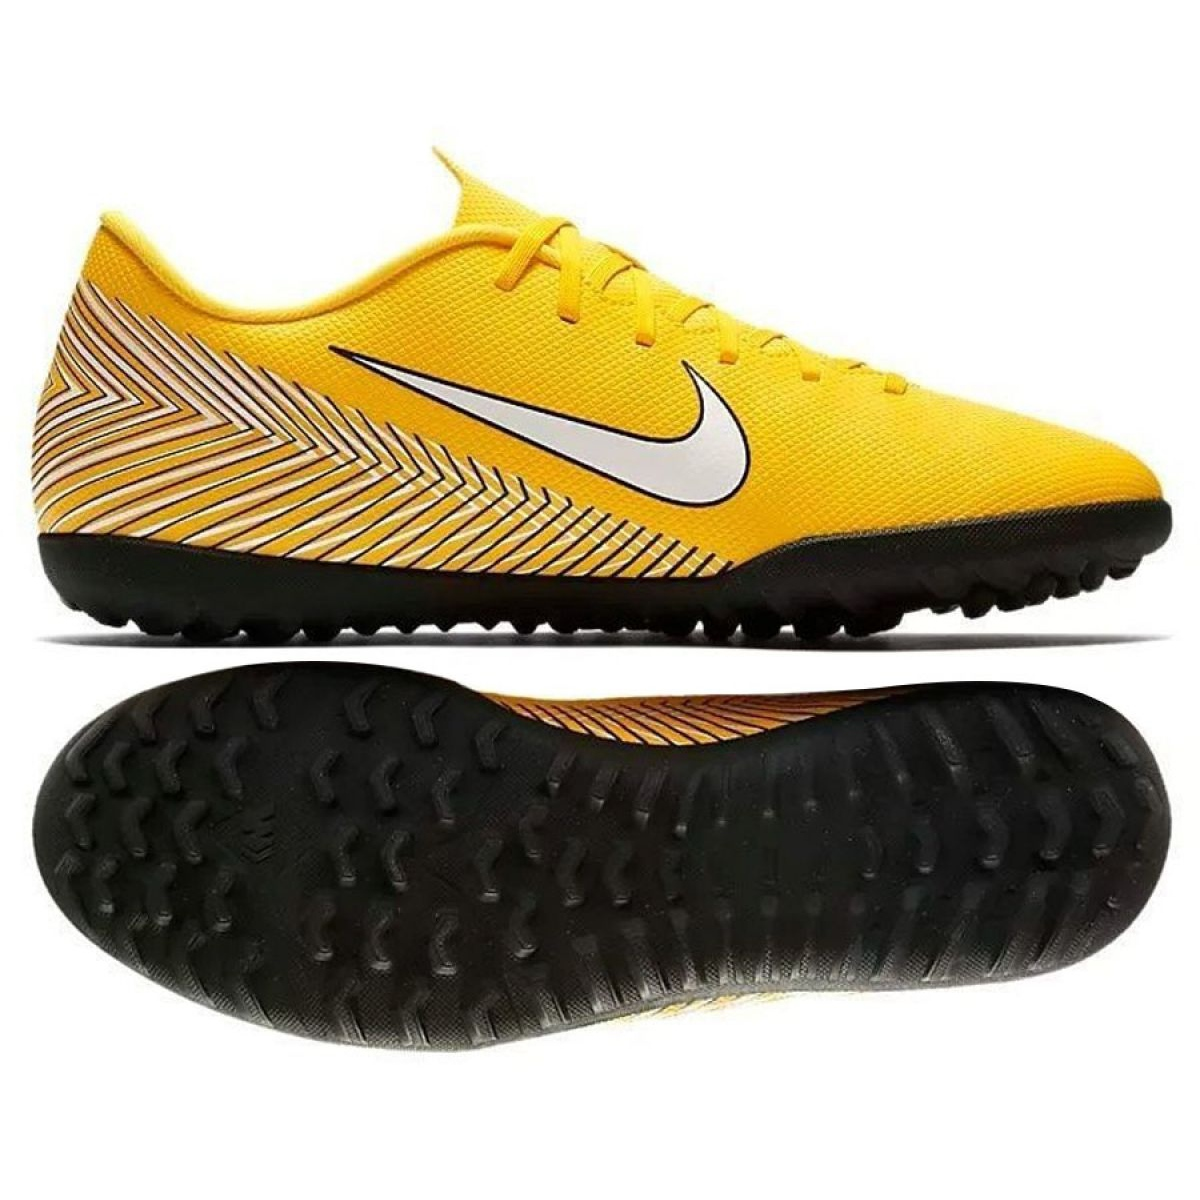 Nike Mercurial Vapor 12 Club Tf M AO3119 710 futballcipők sárga sárga